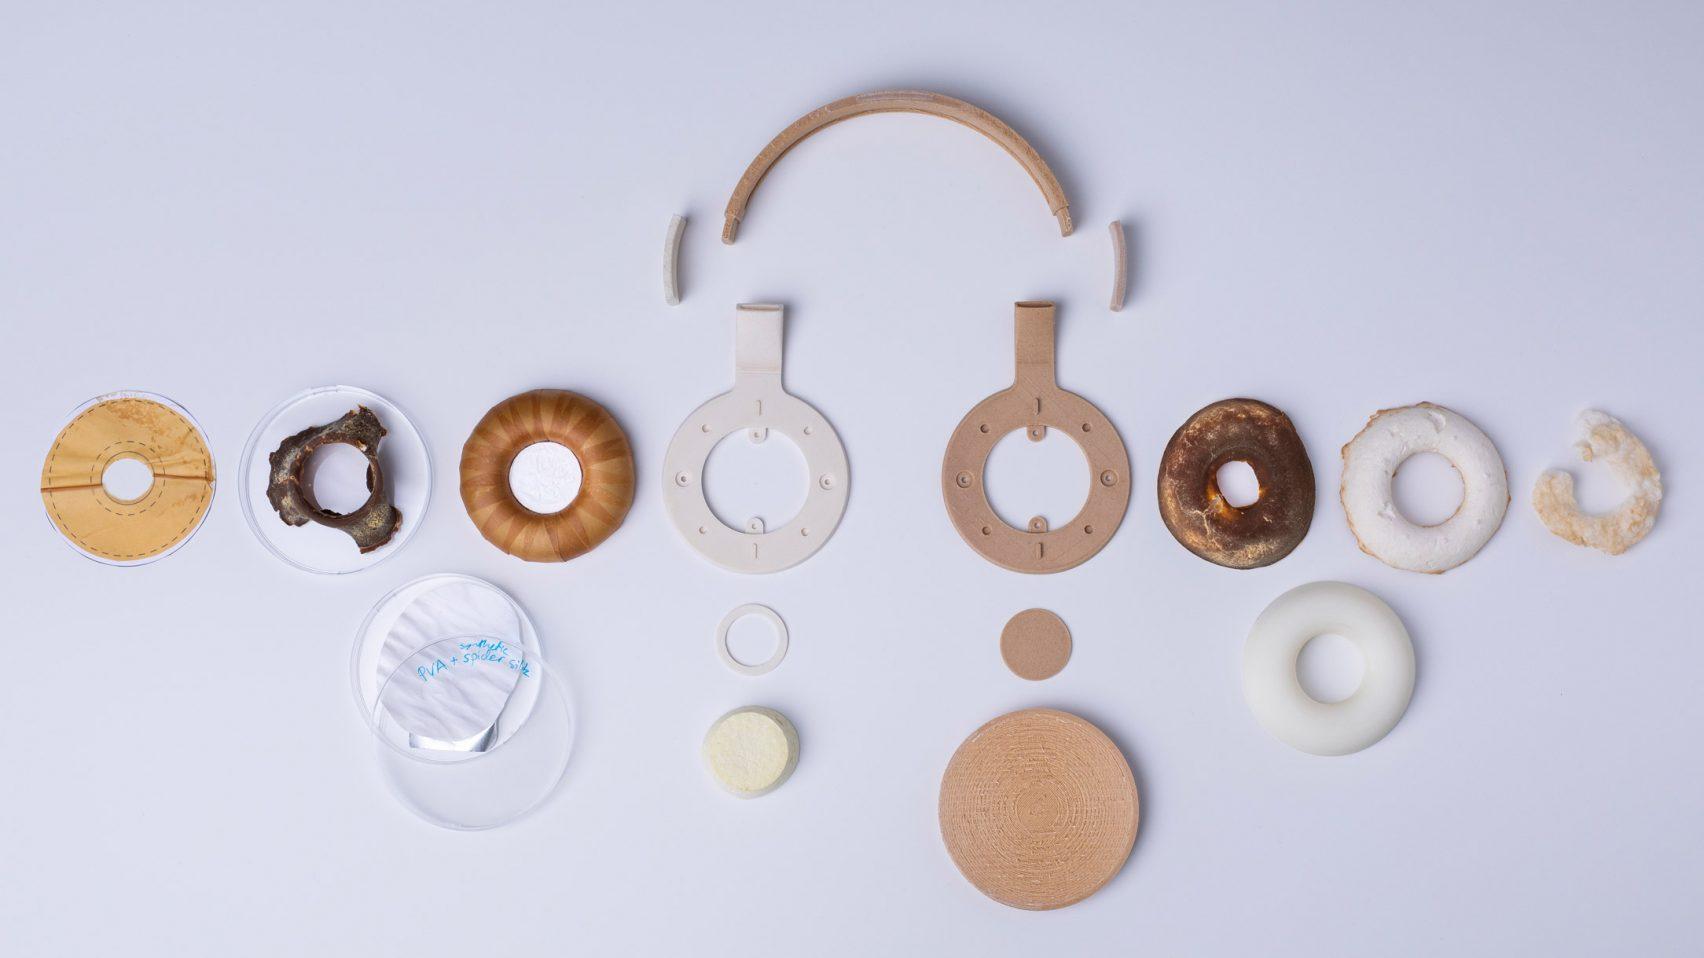 korvaa-headphones-aivan-grown-fungus-yeast-_dezeen_2364_hero_1-1704x958.jpg